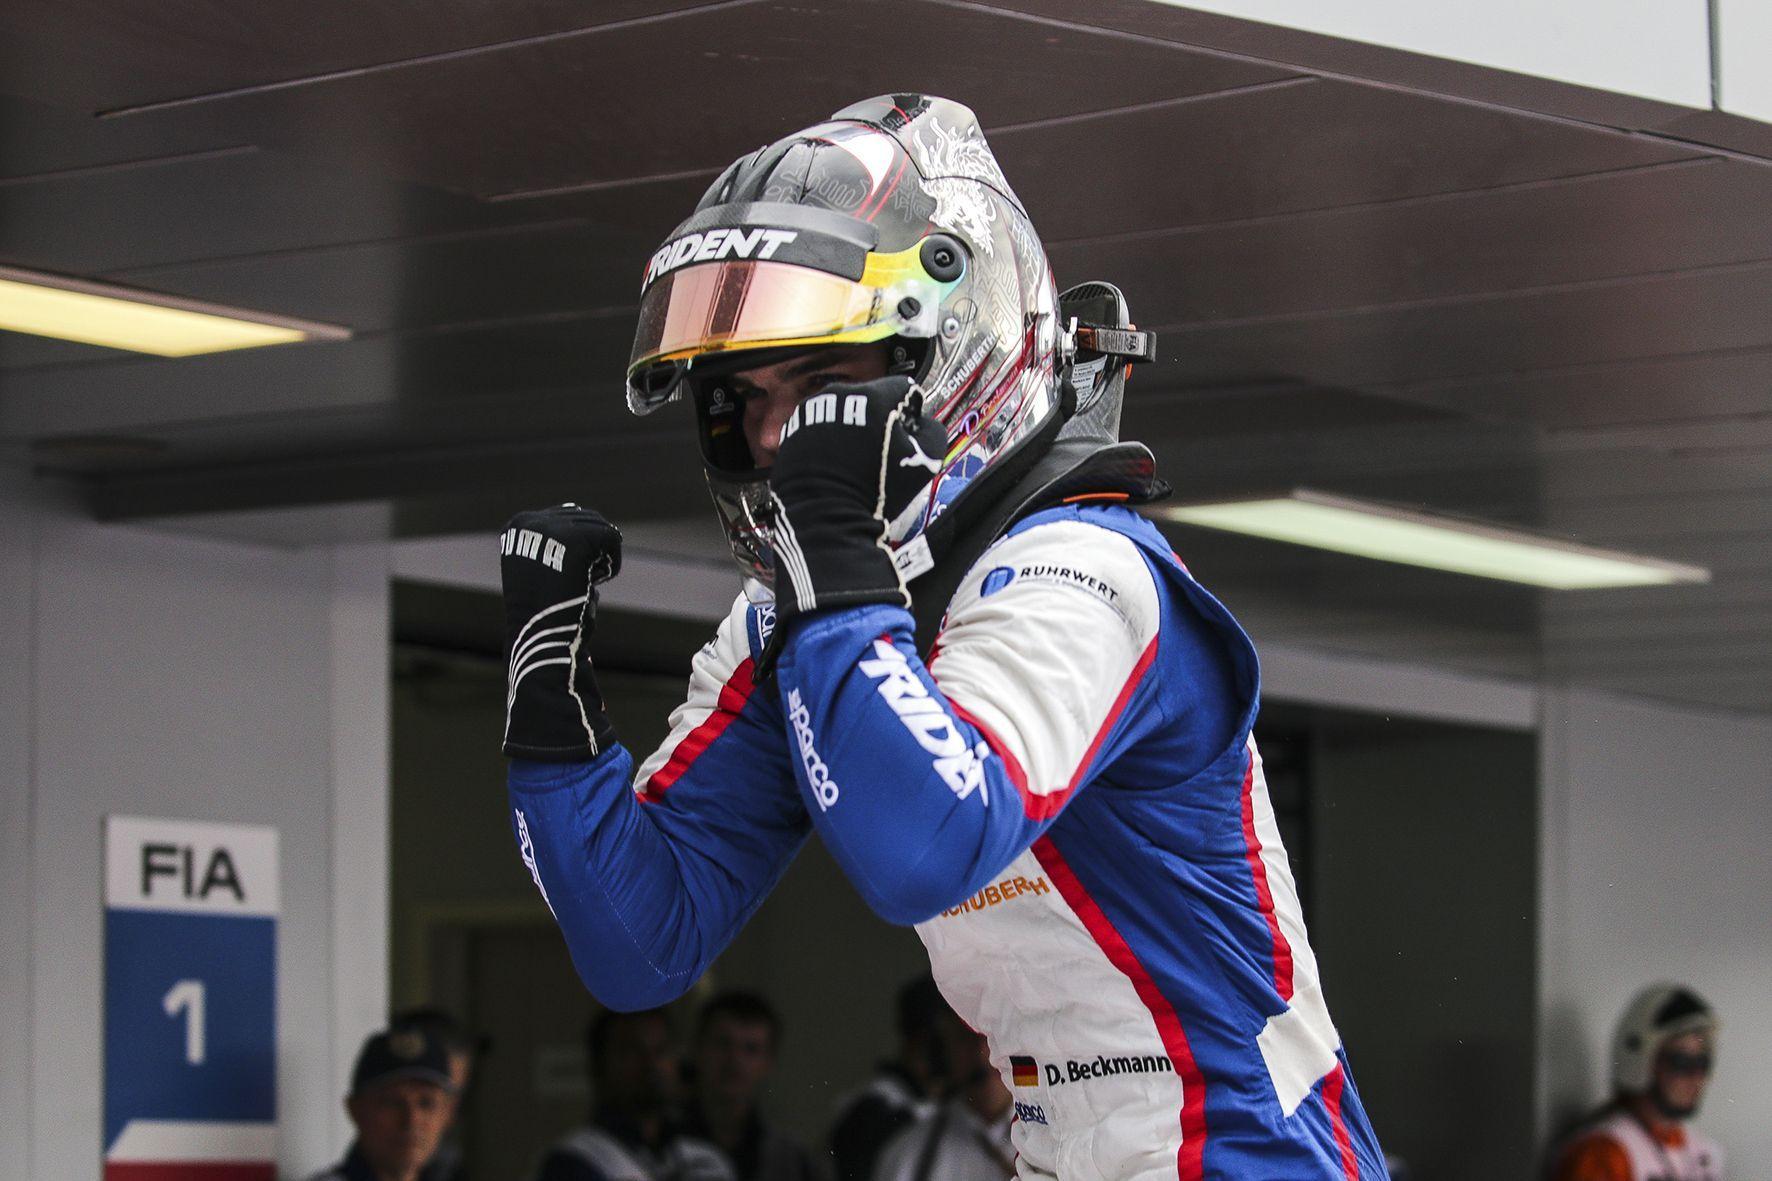 David Beckmann, GP3